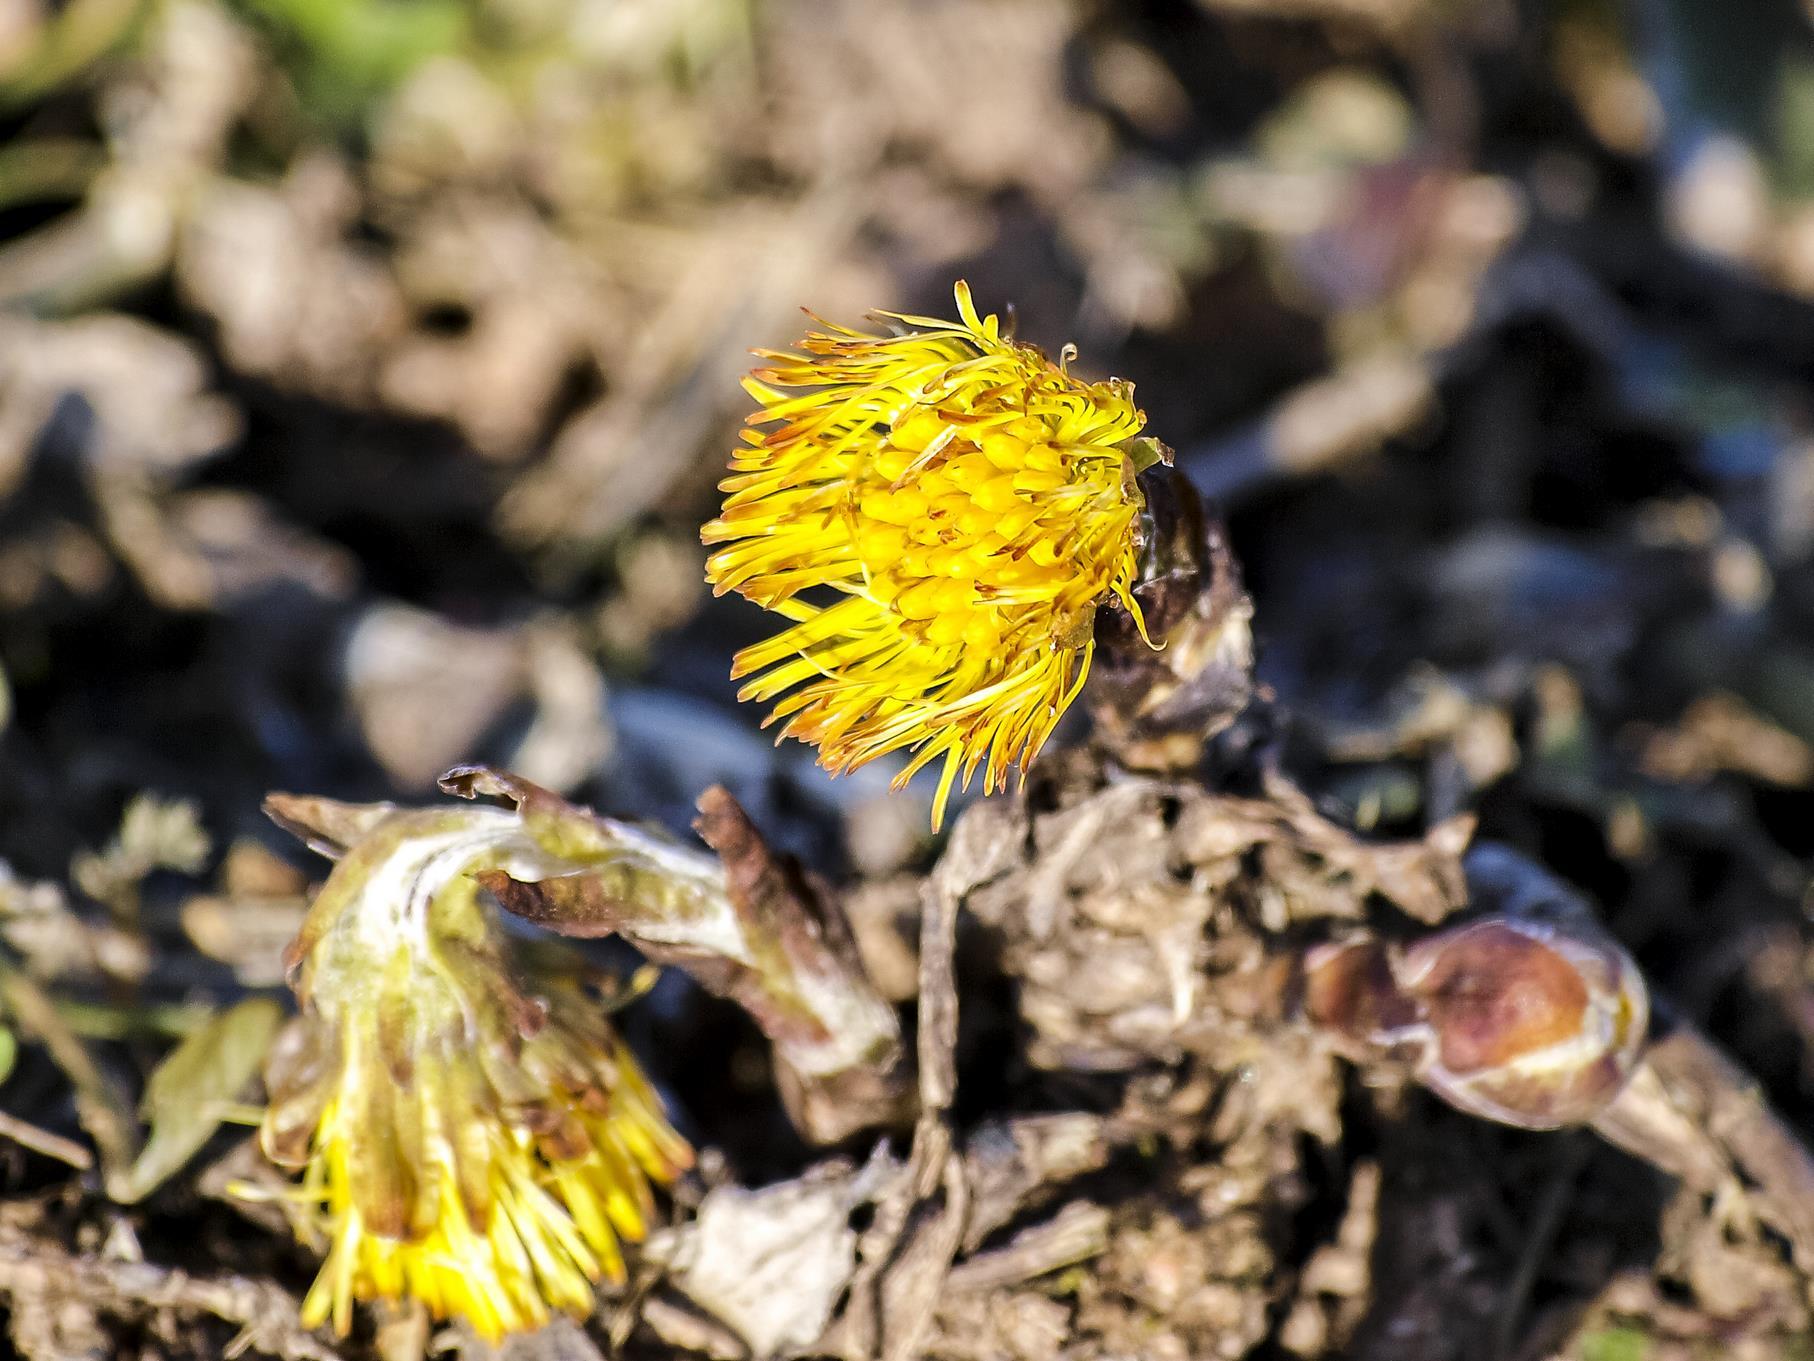 Die ersten Huflattich-Pflanzen sprießen aus dem Boden...